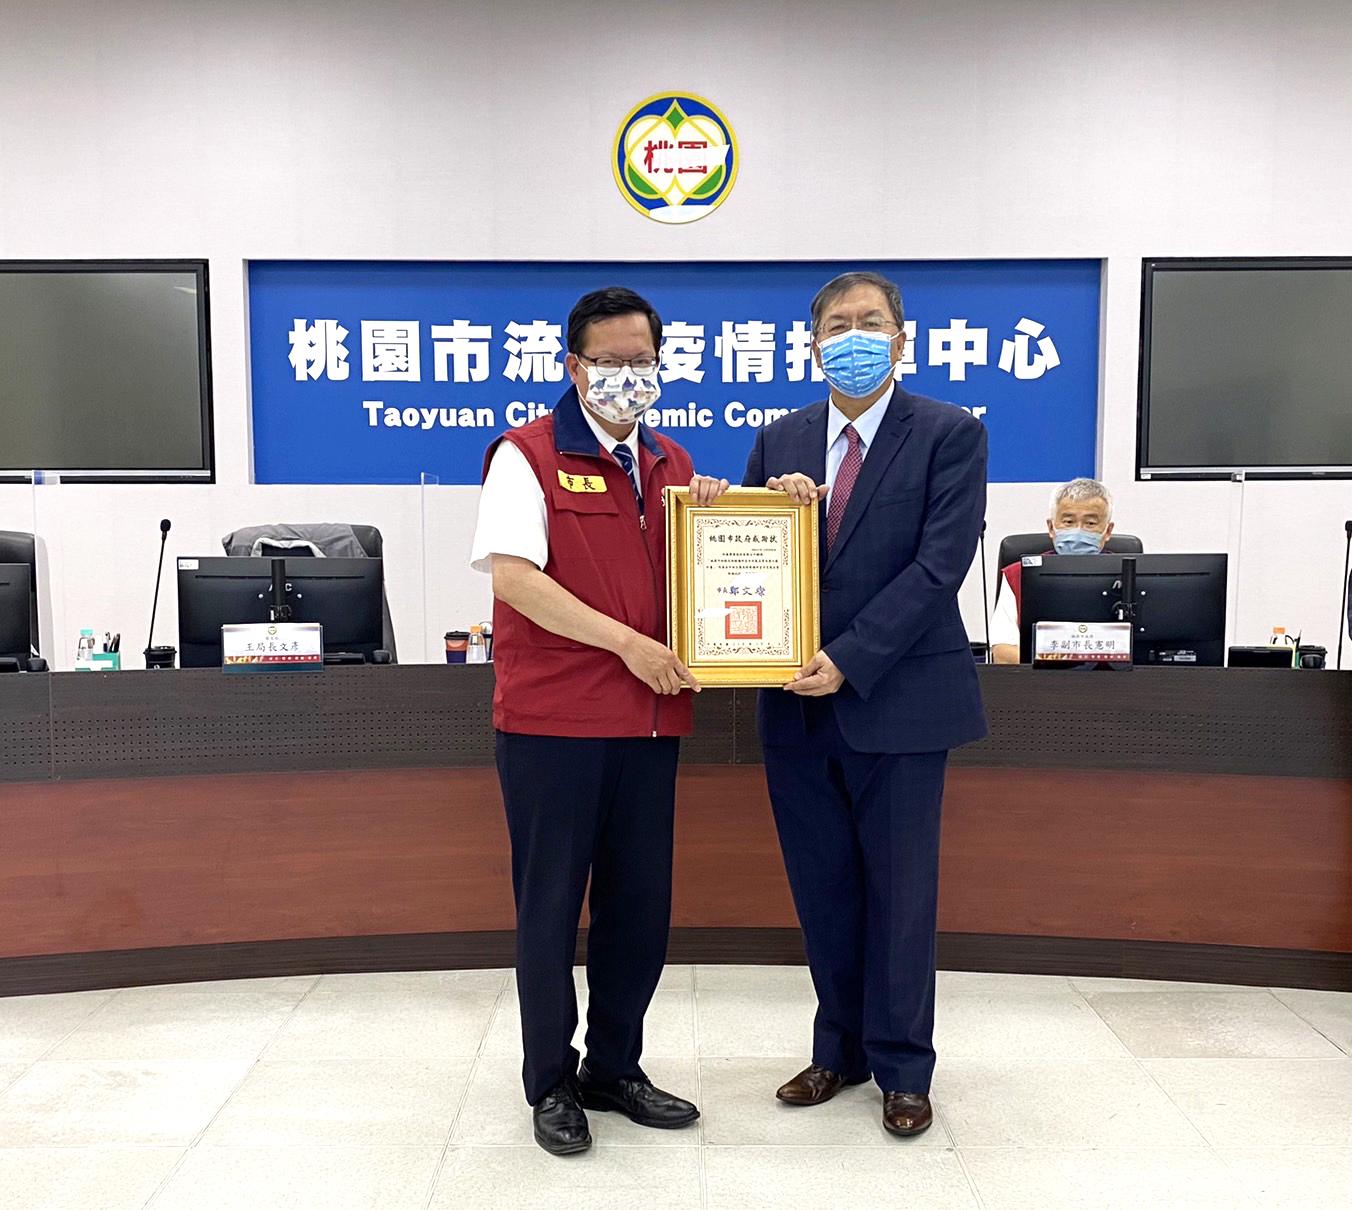 桃園市長鄭文燦(左)致贈感謝狀給和泰興業,由總經理林鴻志(右)代表接受。